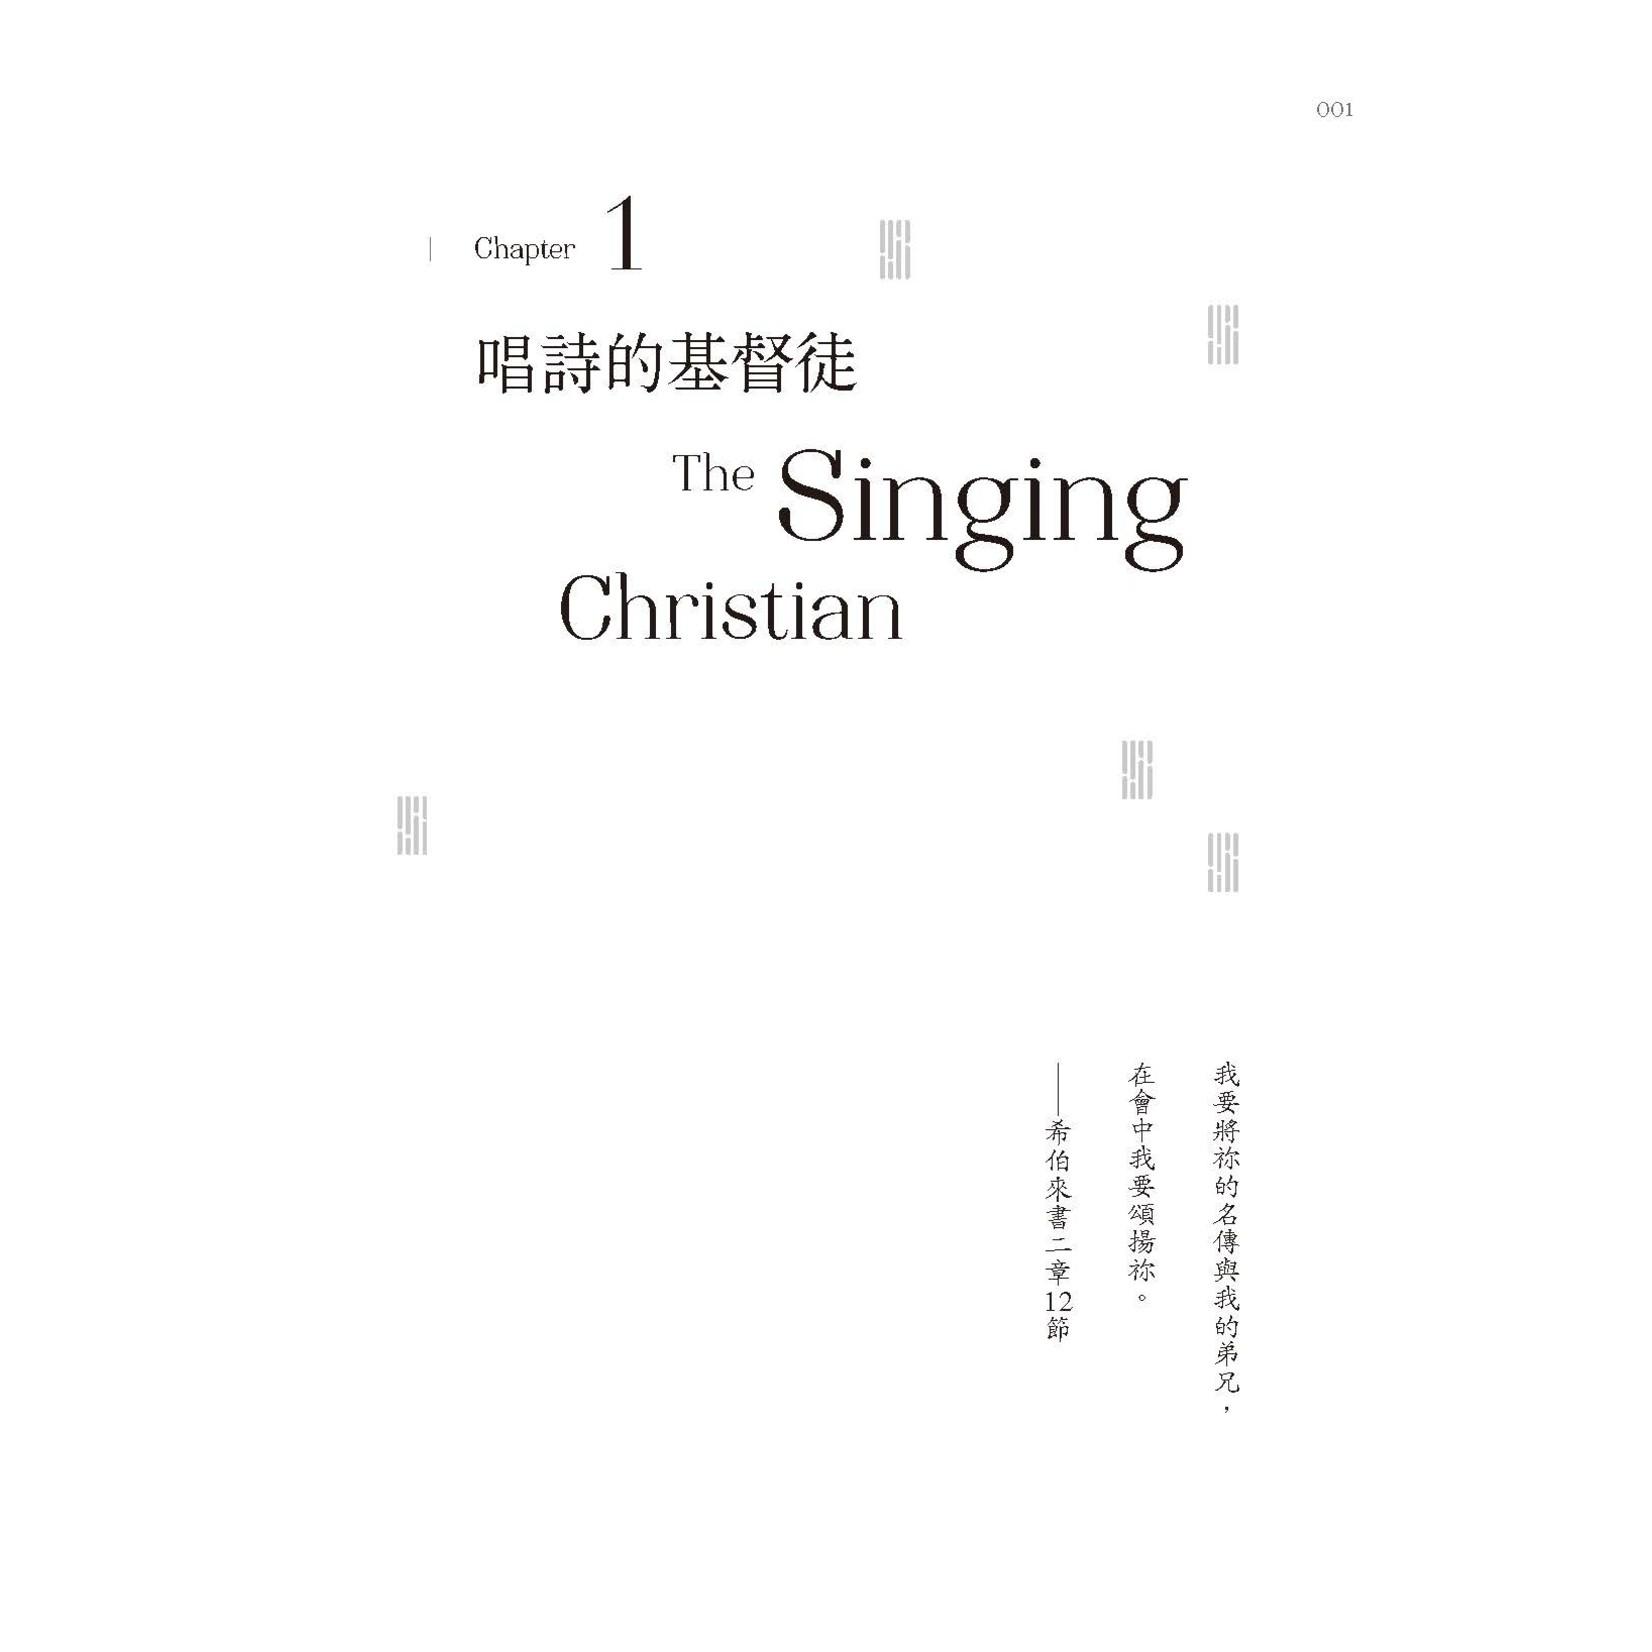 天恩 Grace Publishing House 無盡的歌:教會音樂與敬拜的13堂課 13 Lessons in Music and Worship of the Church